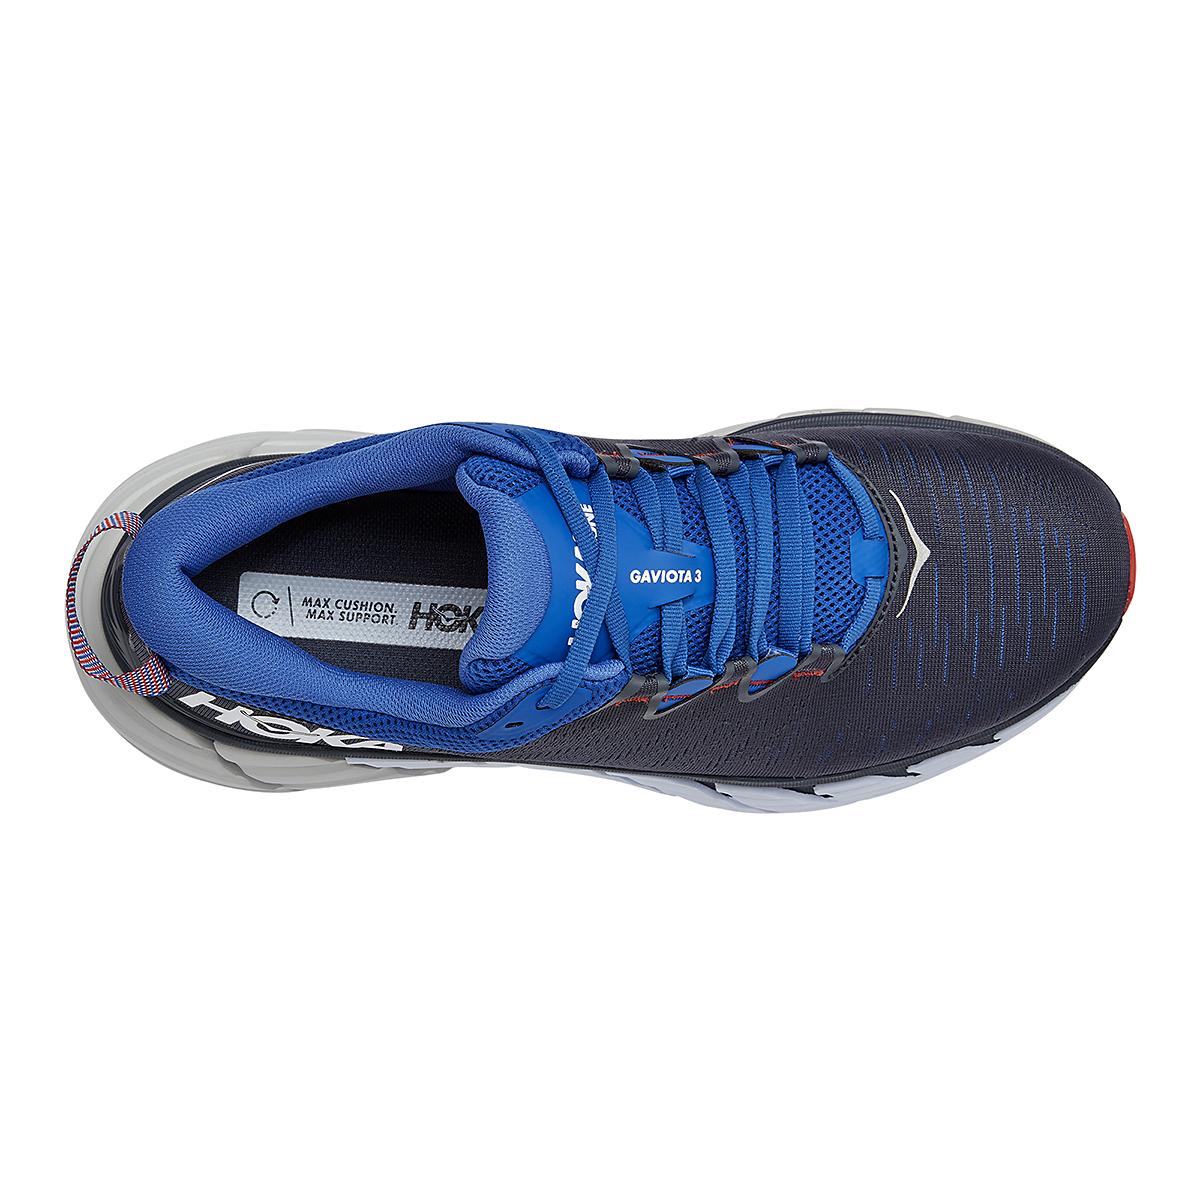 Men's Hoka One One Gaviota 3 Running Shoe, , large, image 5